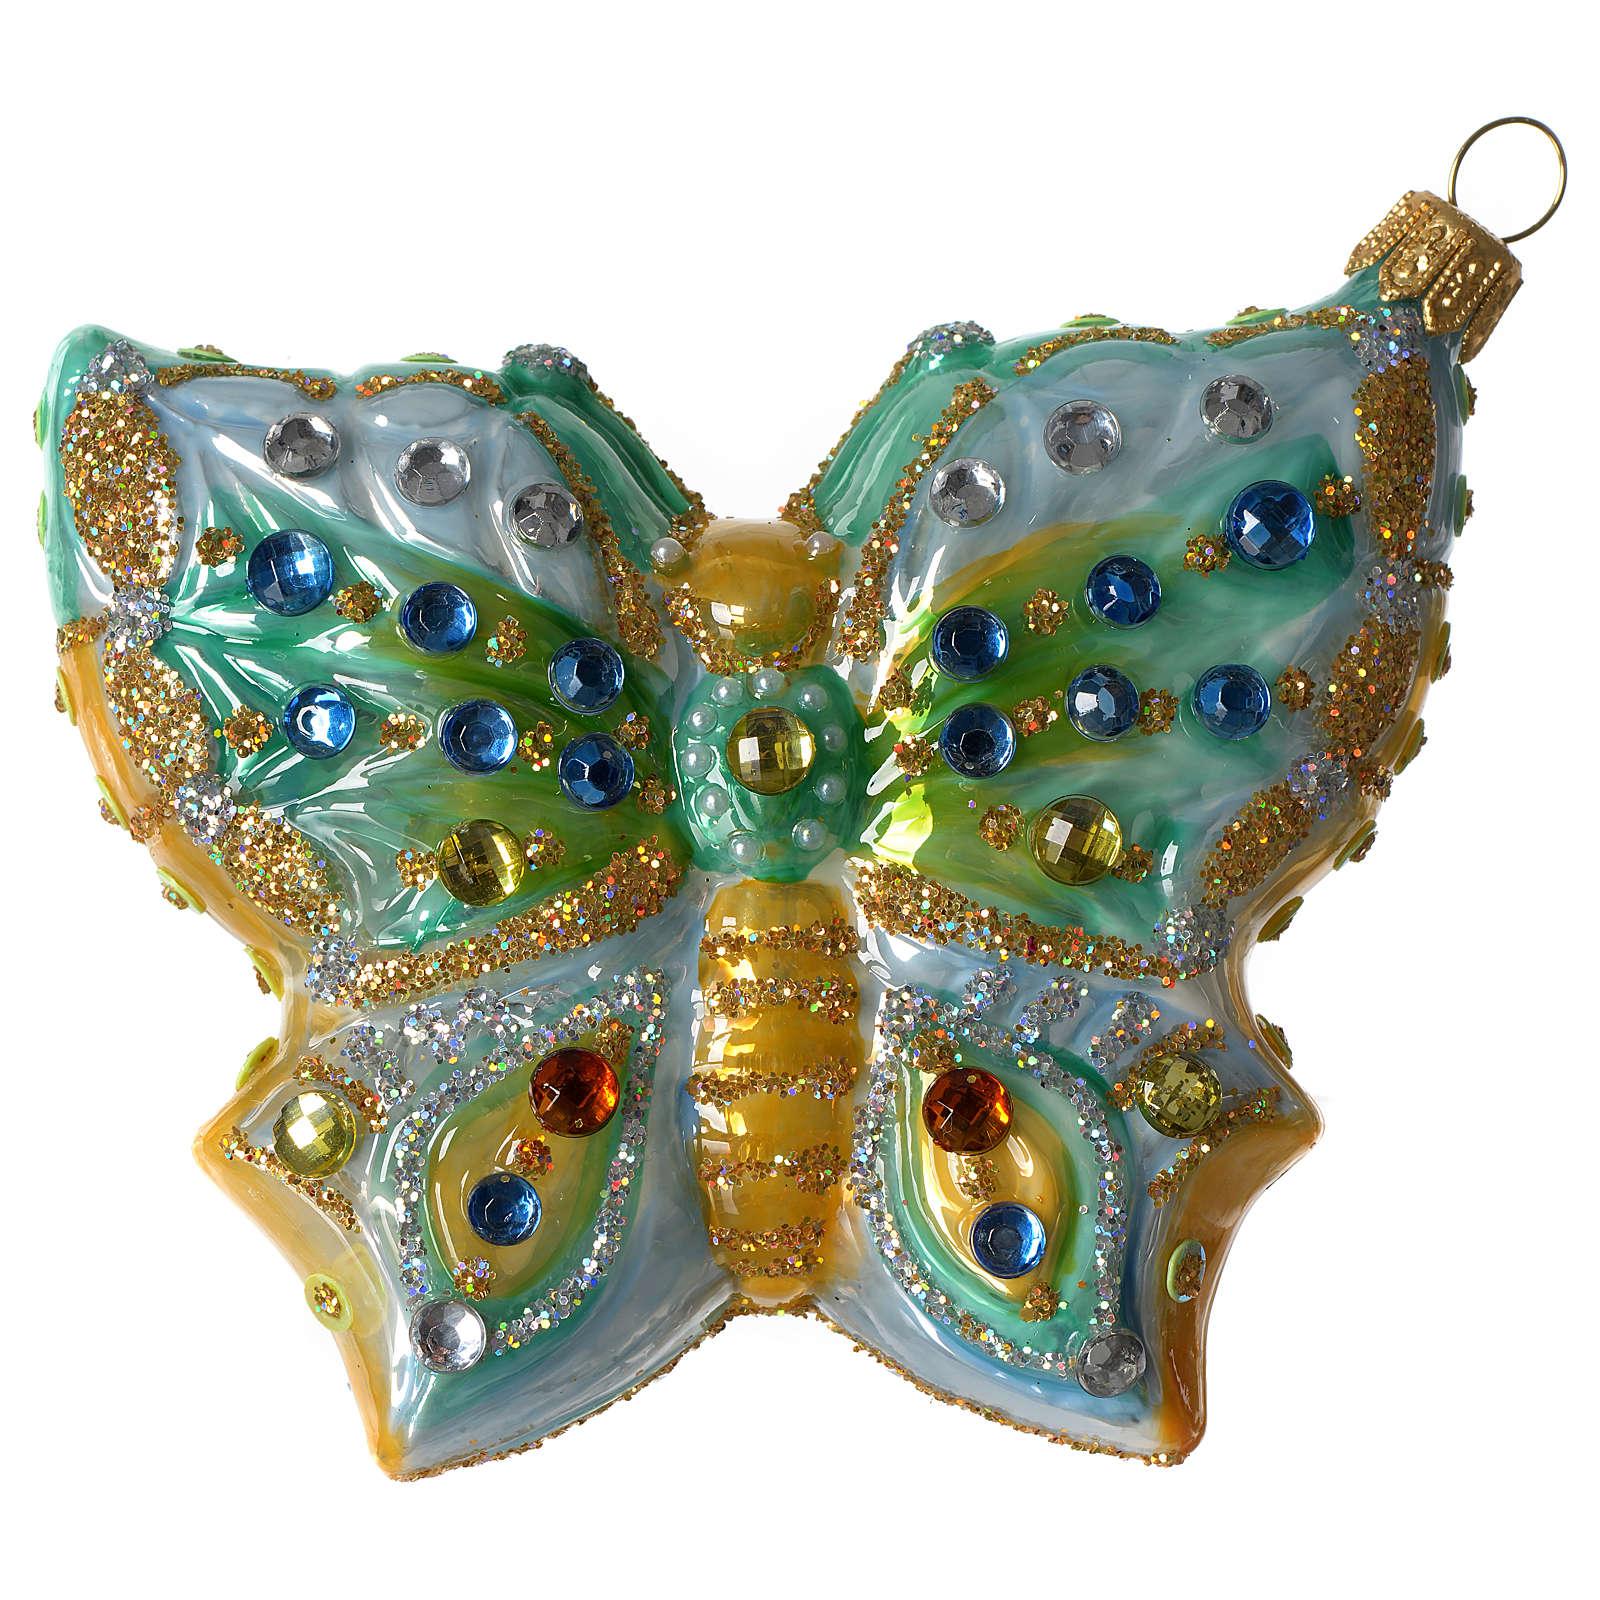 Mariposa adorno vidrio soplado Árbol Navidad 4